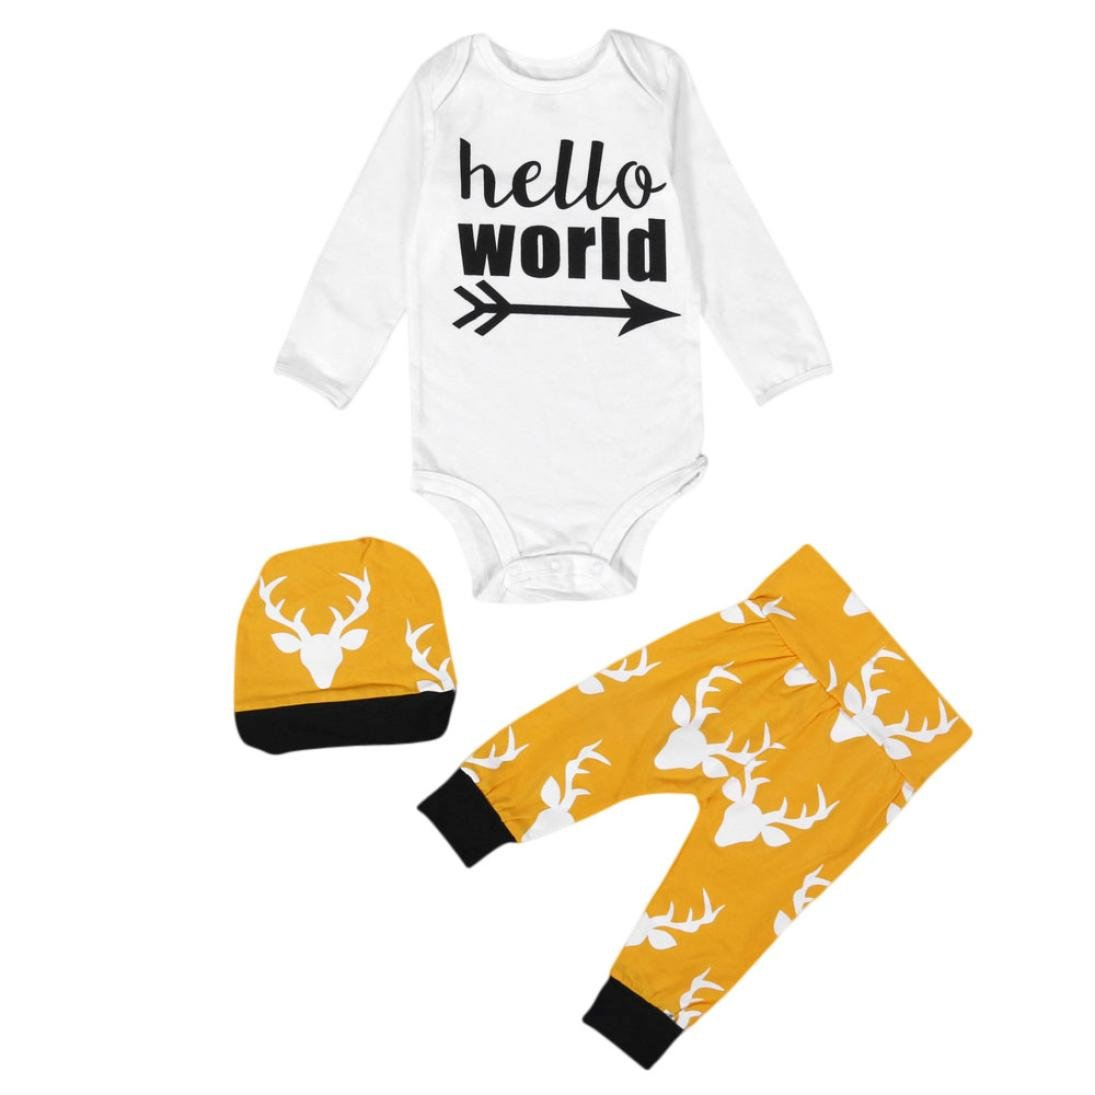 Toraway 3 Pcs//Set Baby Infant Newborn Boys Girls Clothes Romper Blouse Hat Outfit Clothes Set Long Pants